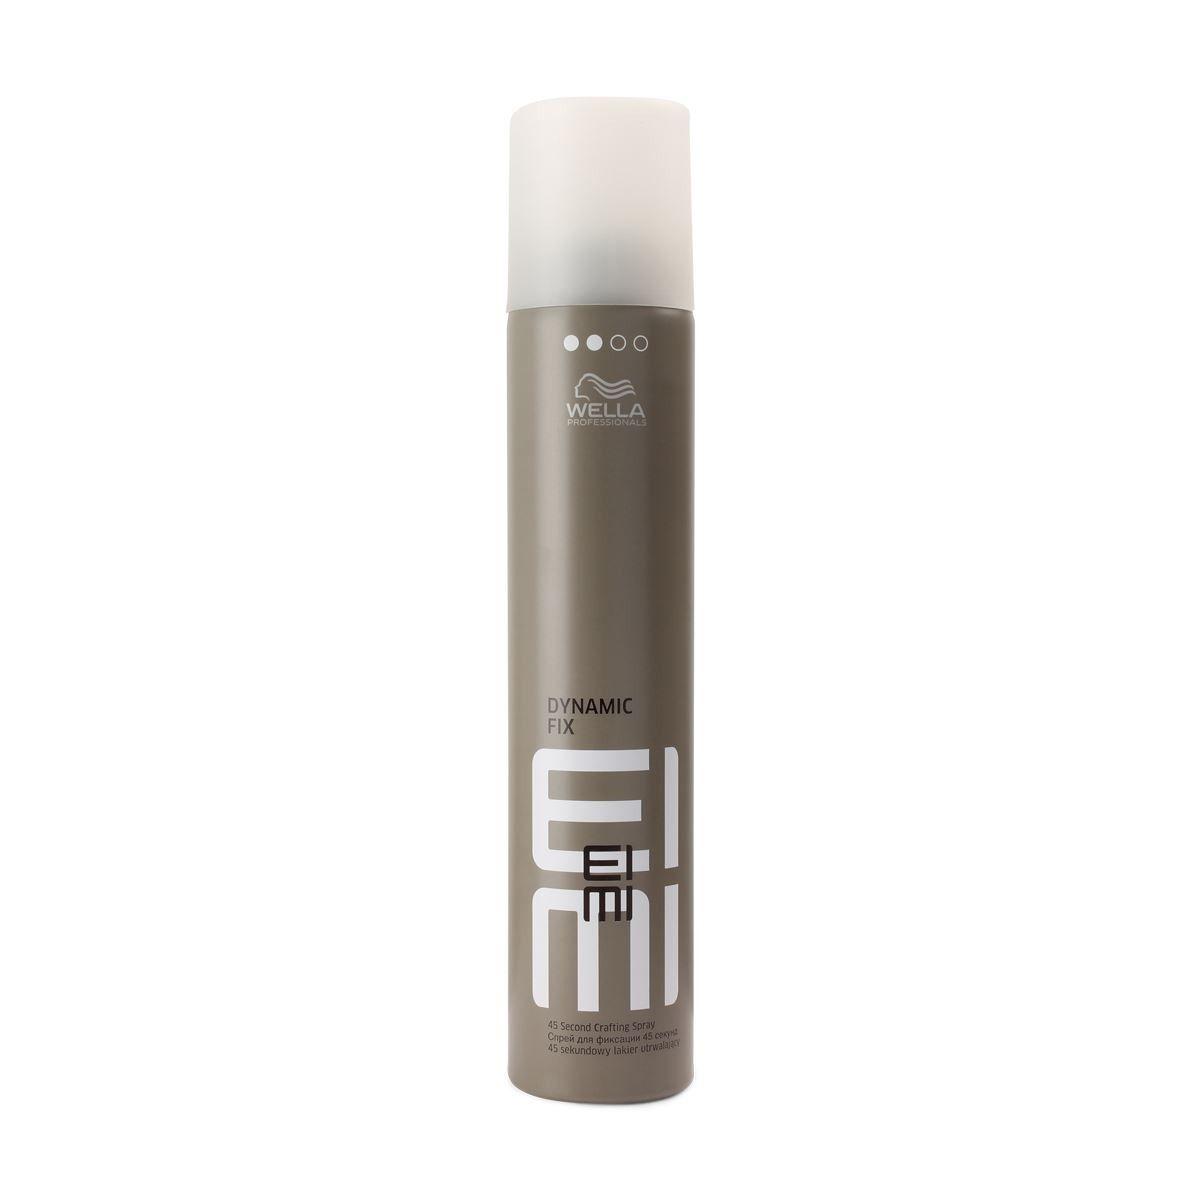 Wella Eimi Dynamic Fix 45 Second Crafting Spray 300ml